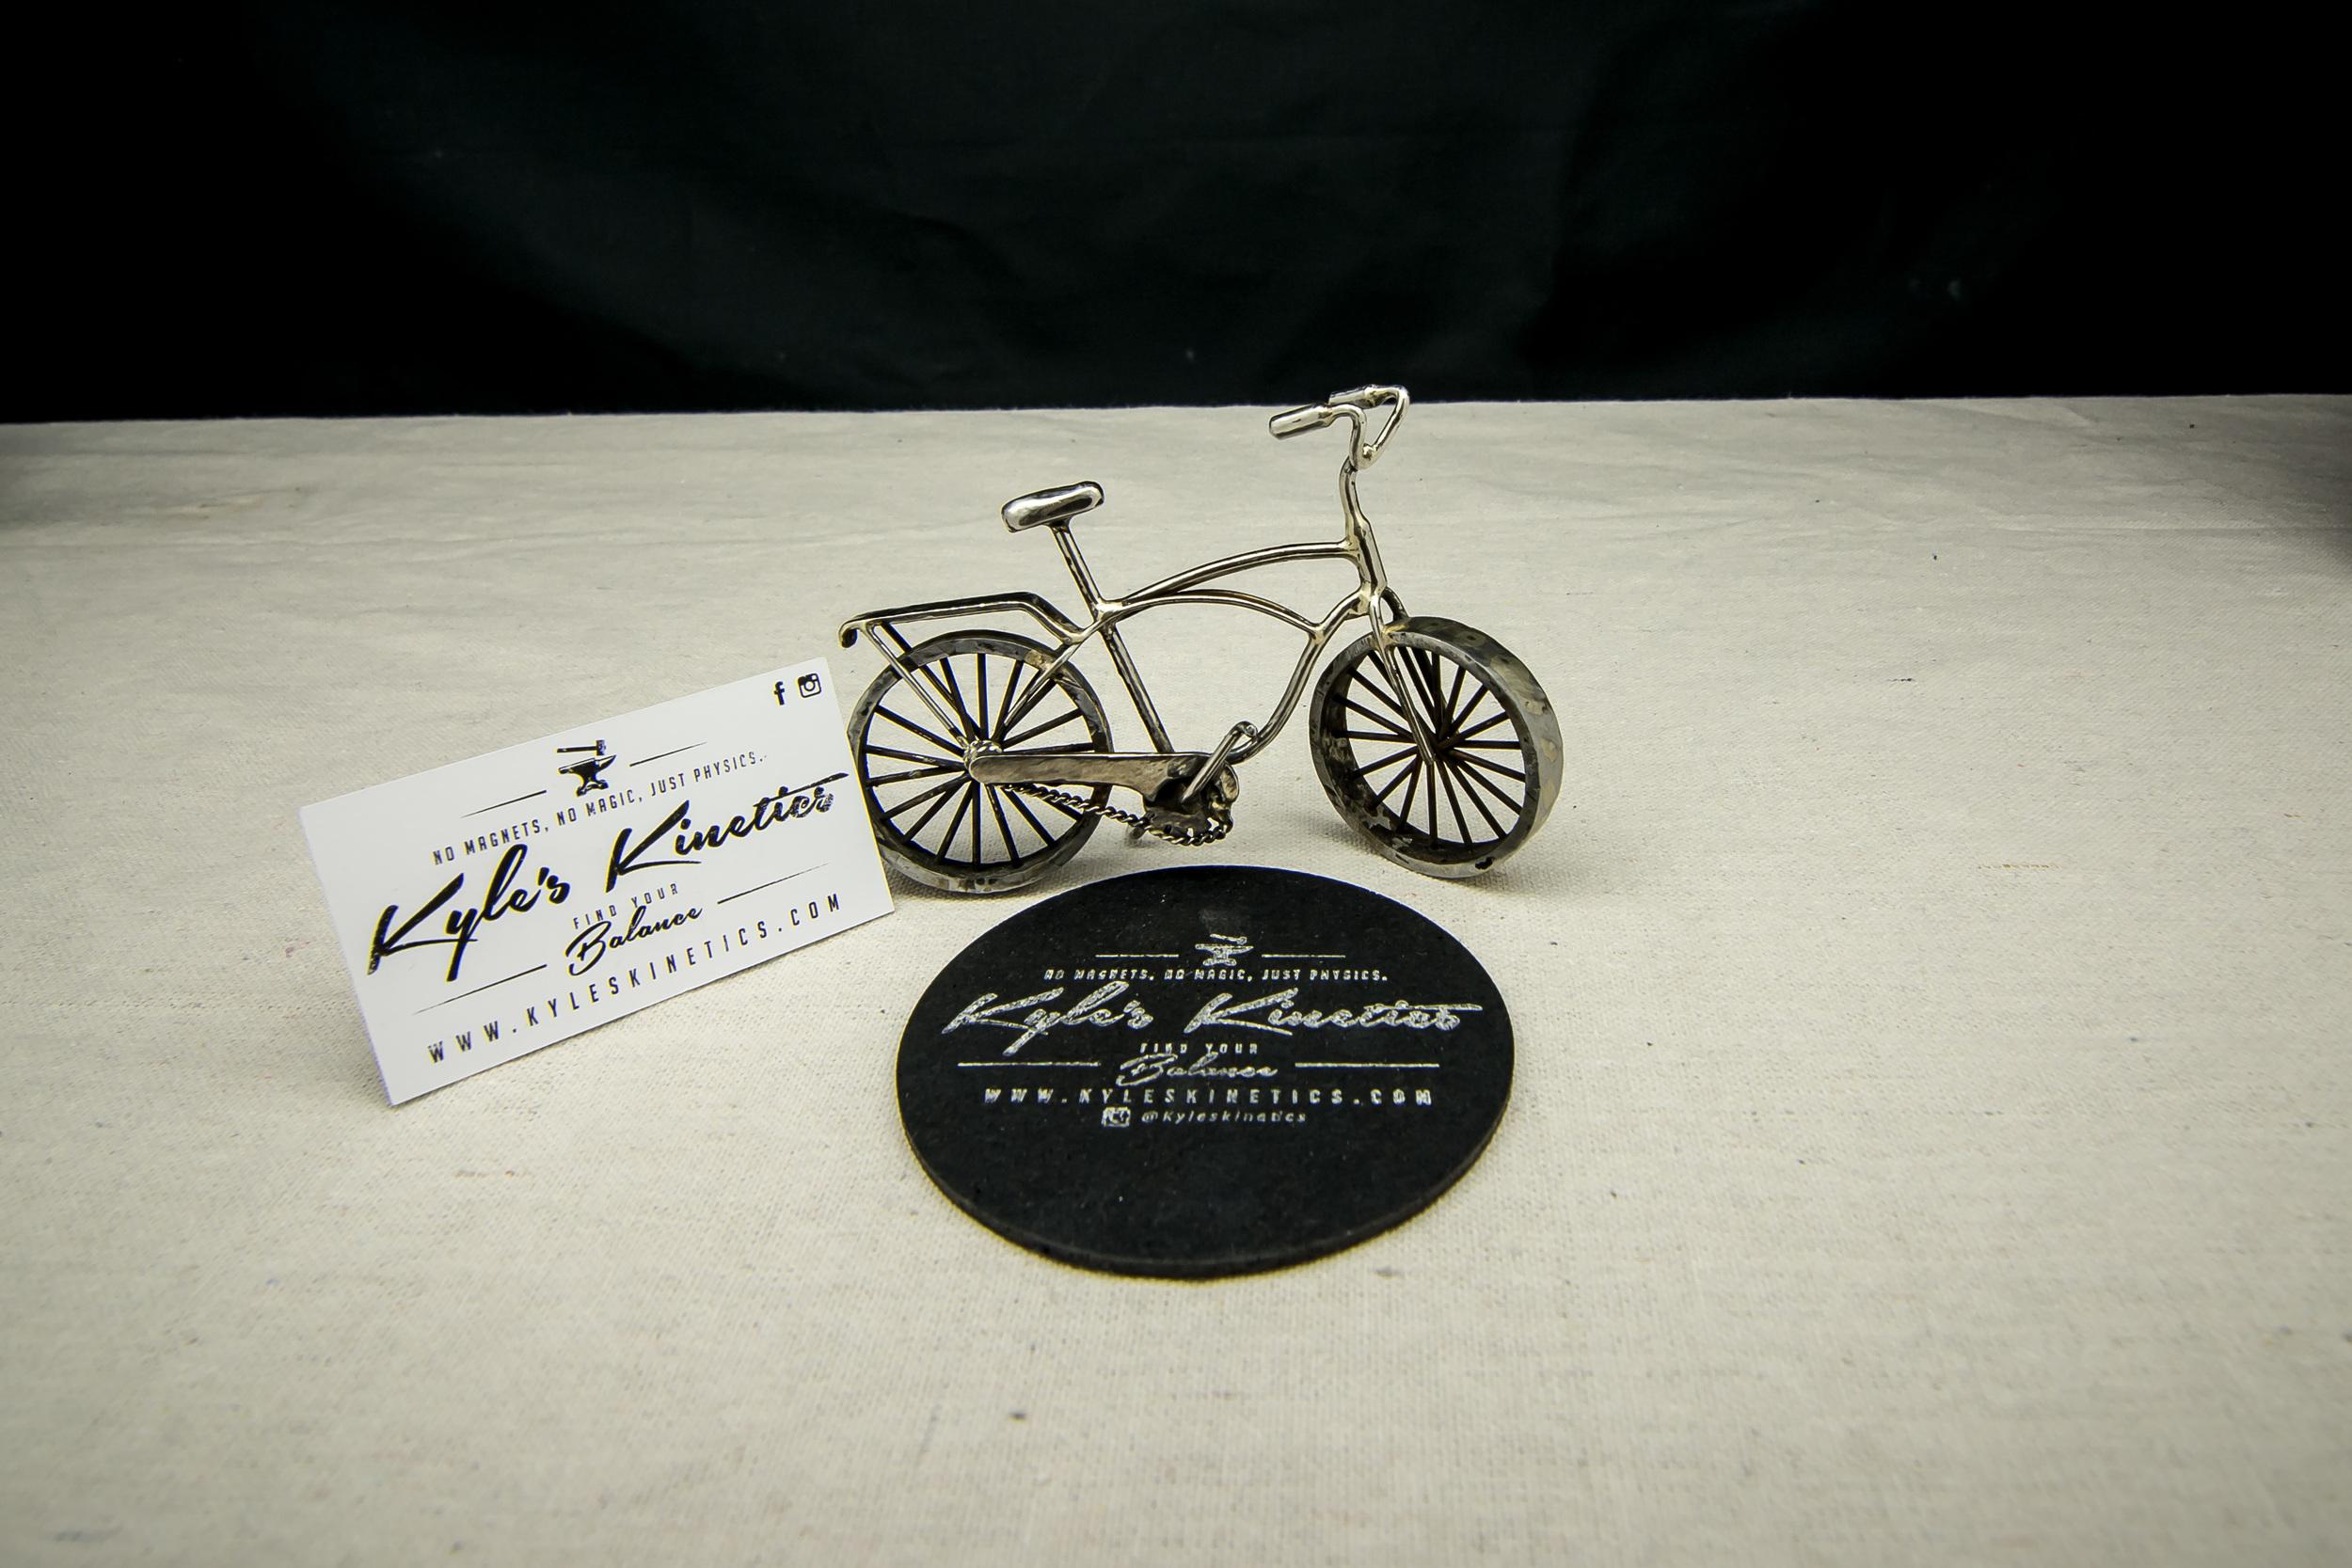 schwinn bike 11mm-7.jpg